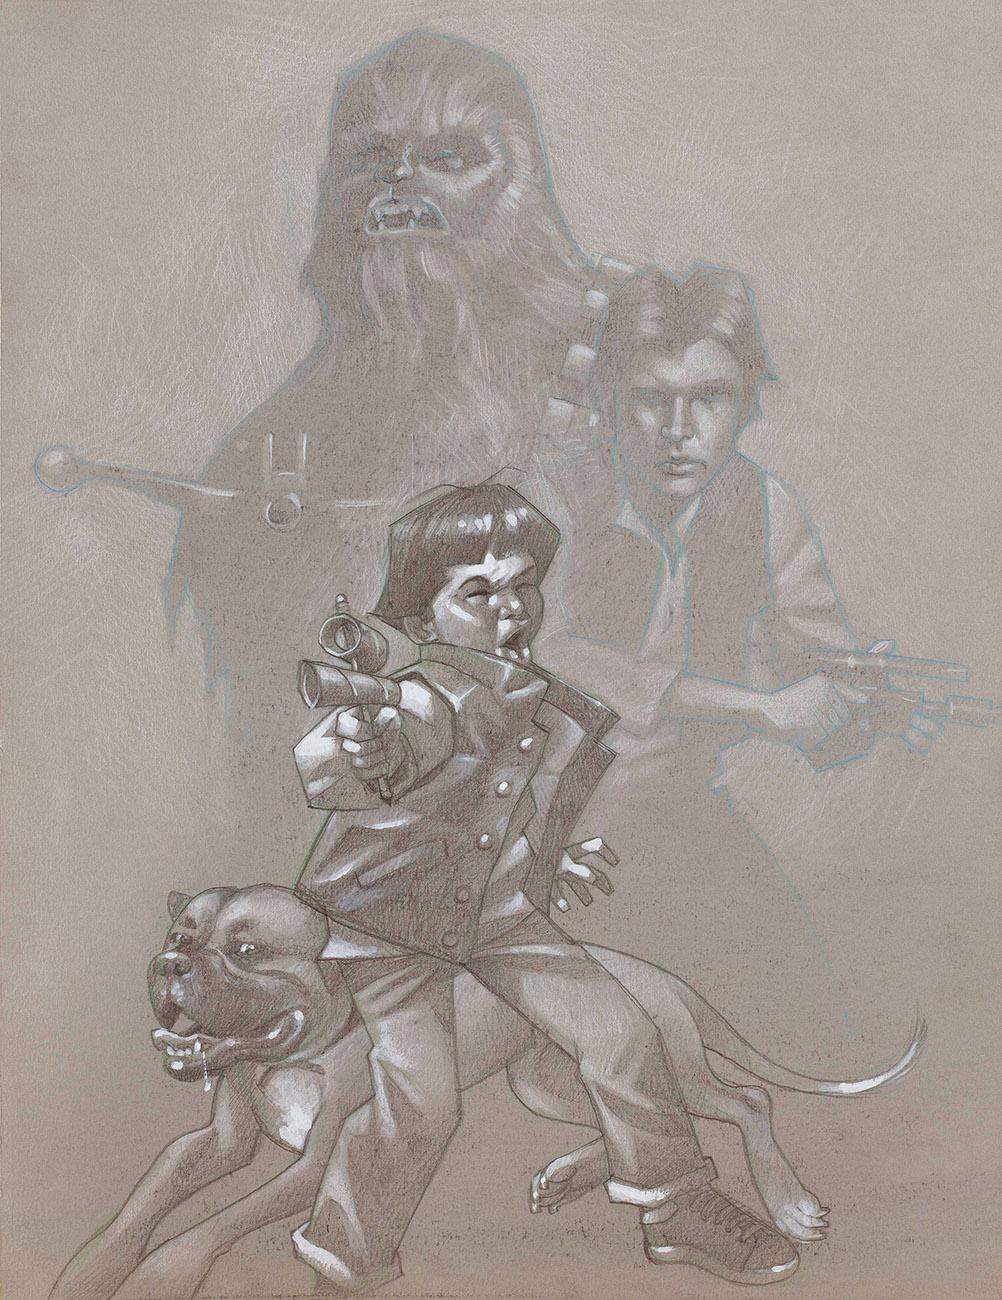 Blast Em Chewy - Sketch by Craig Davison